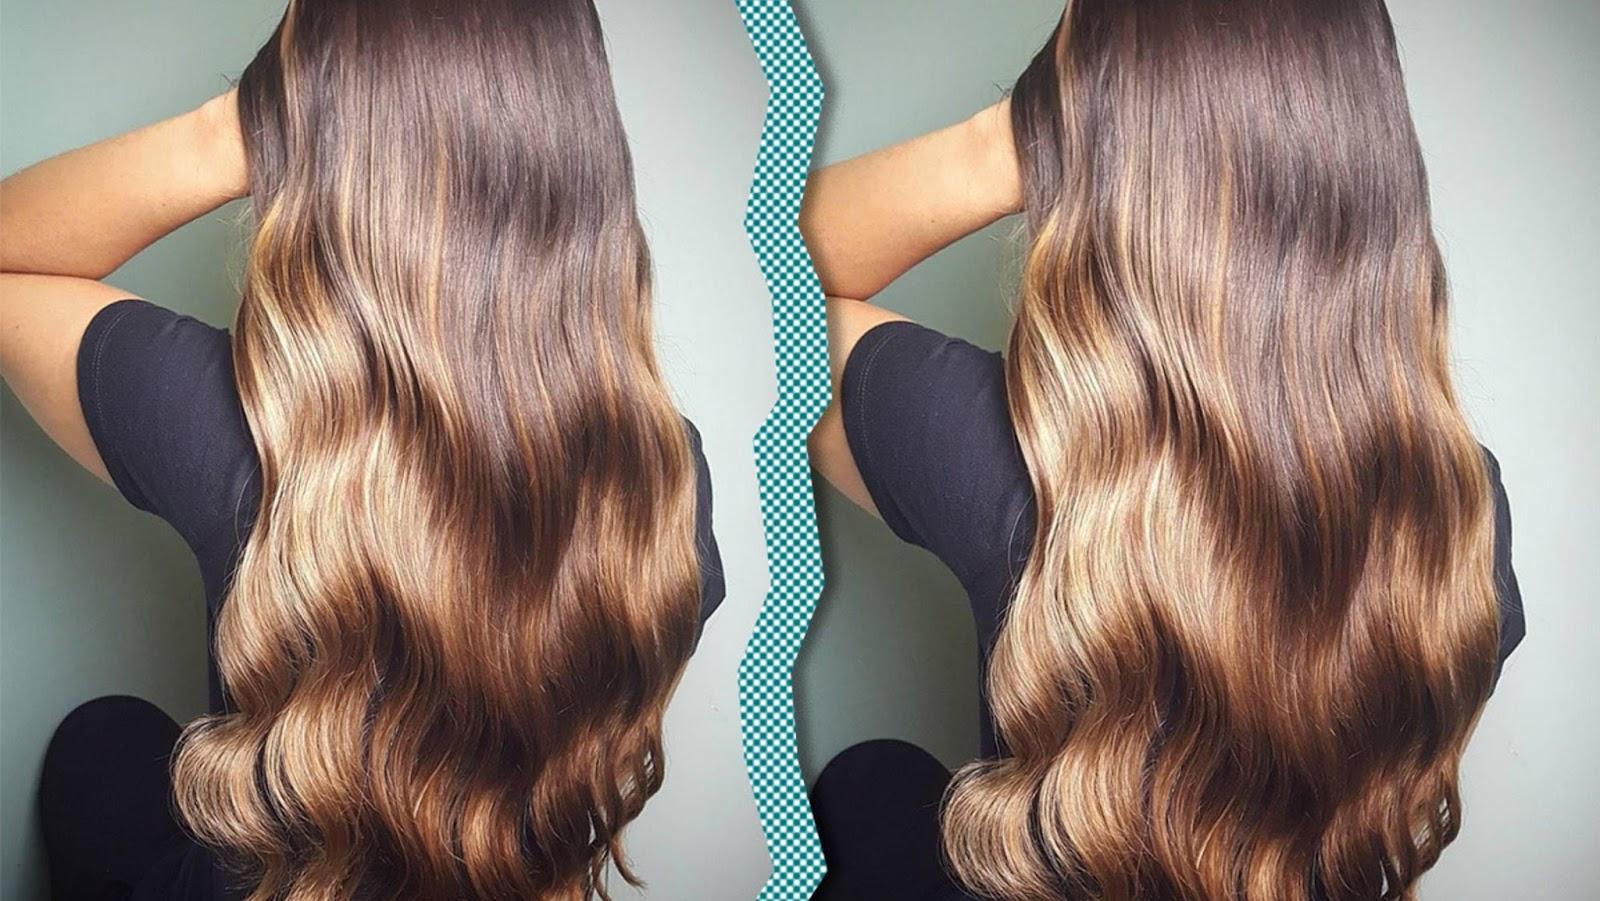 Haare werden 2018 mit der Foilyage-Technik gefärbt